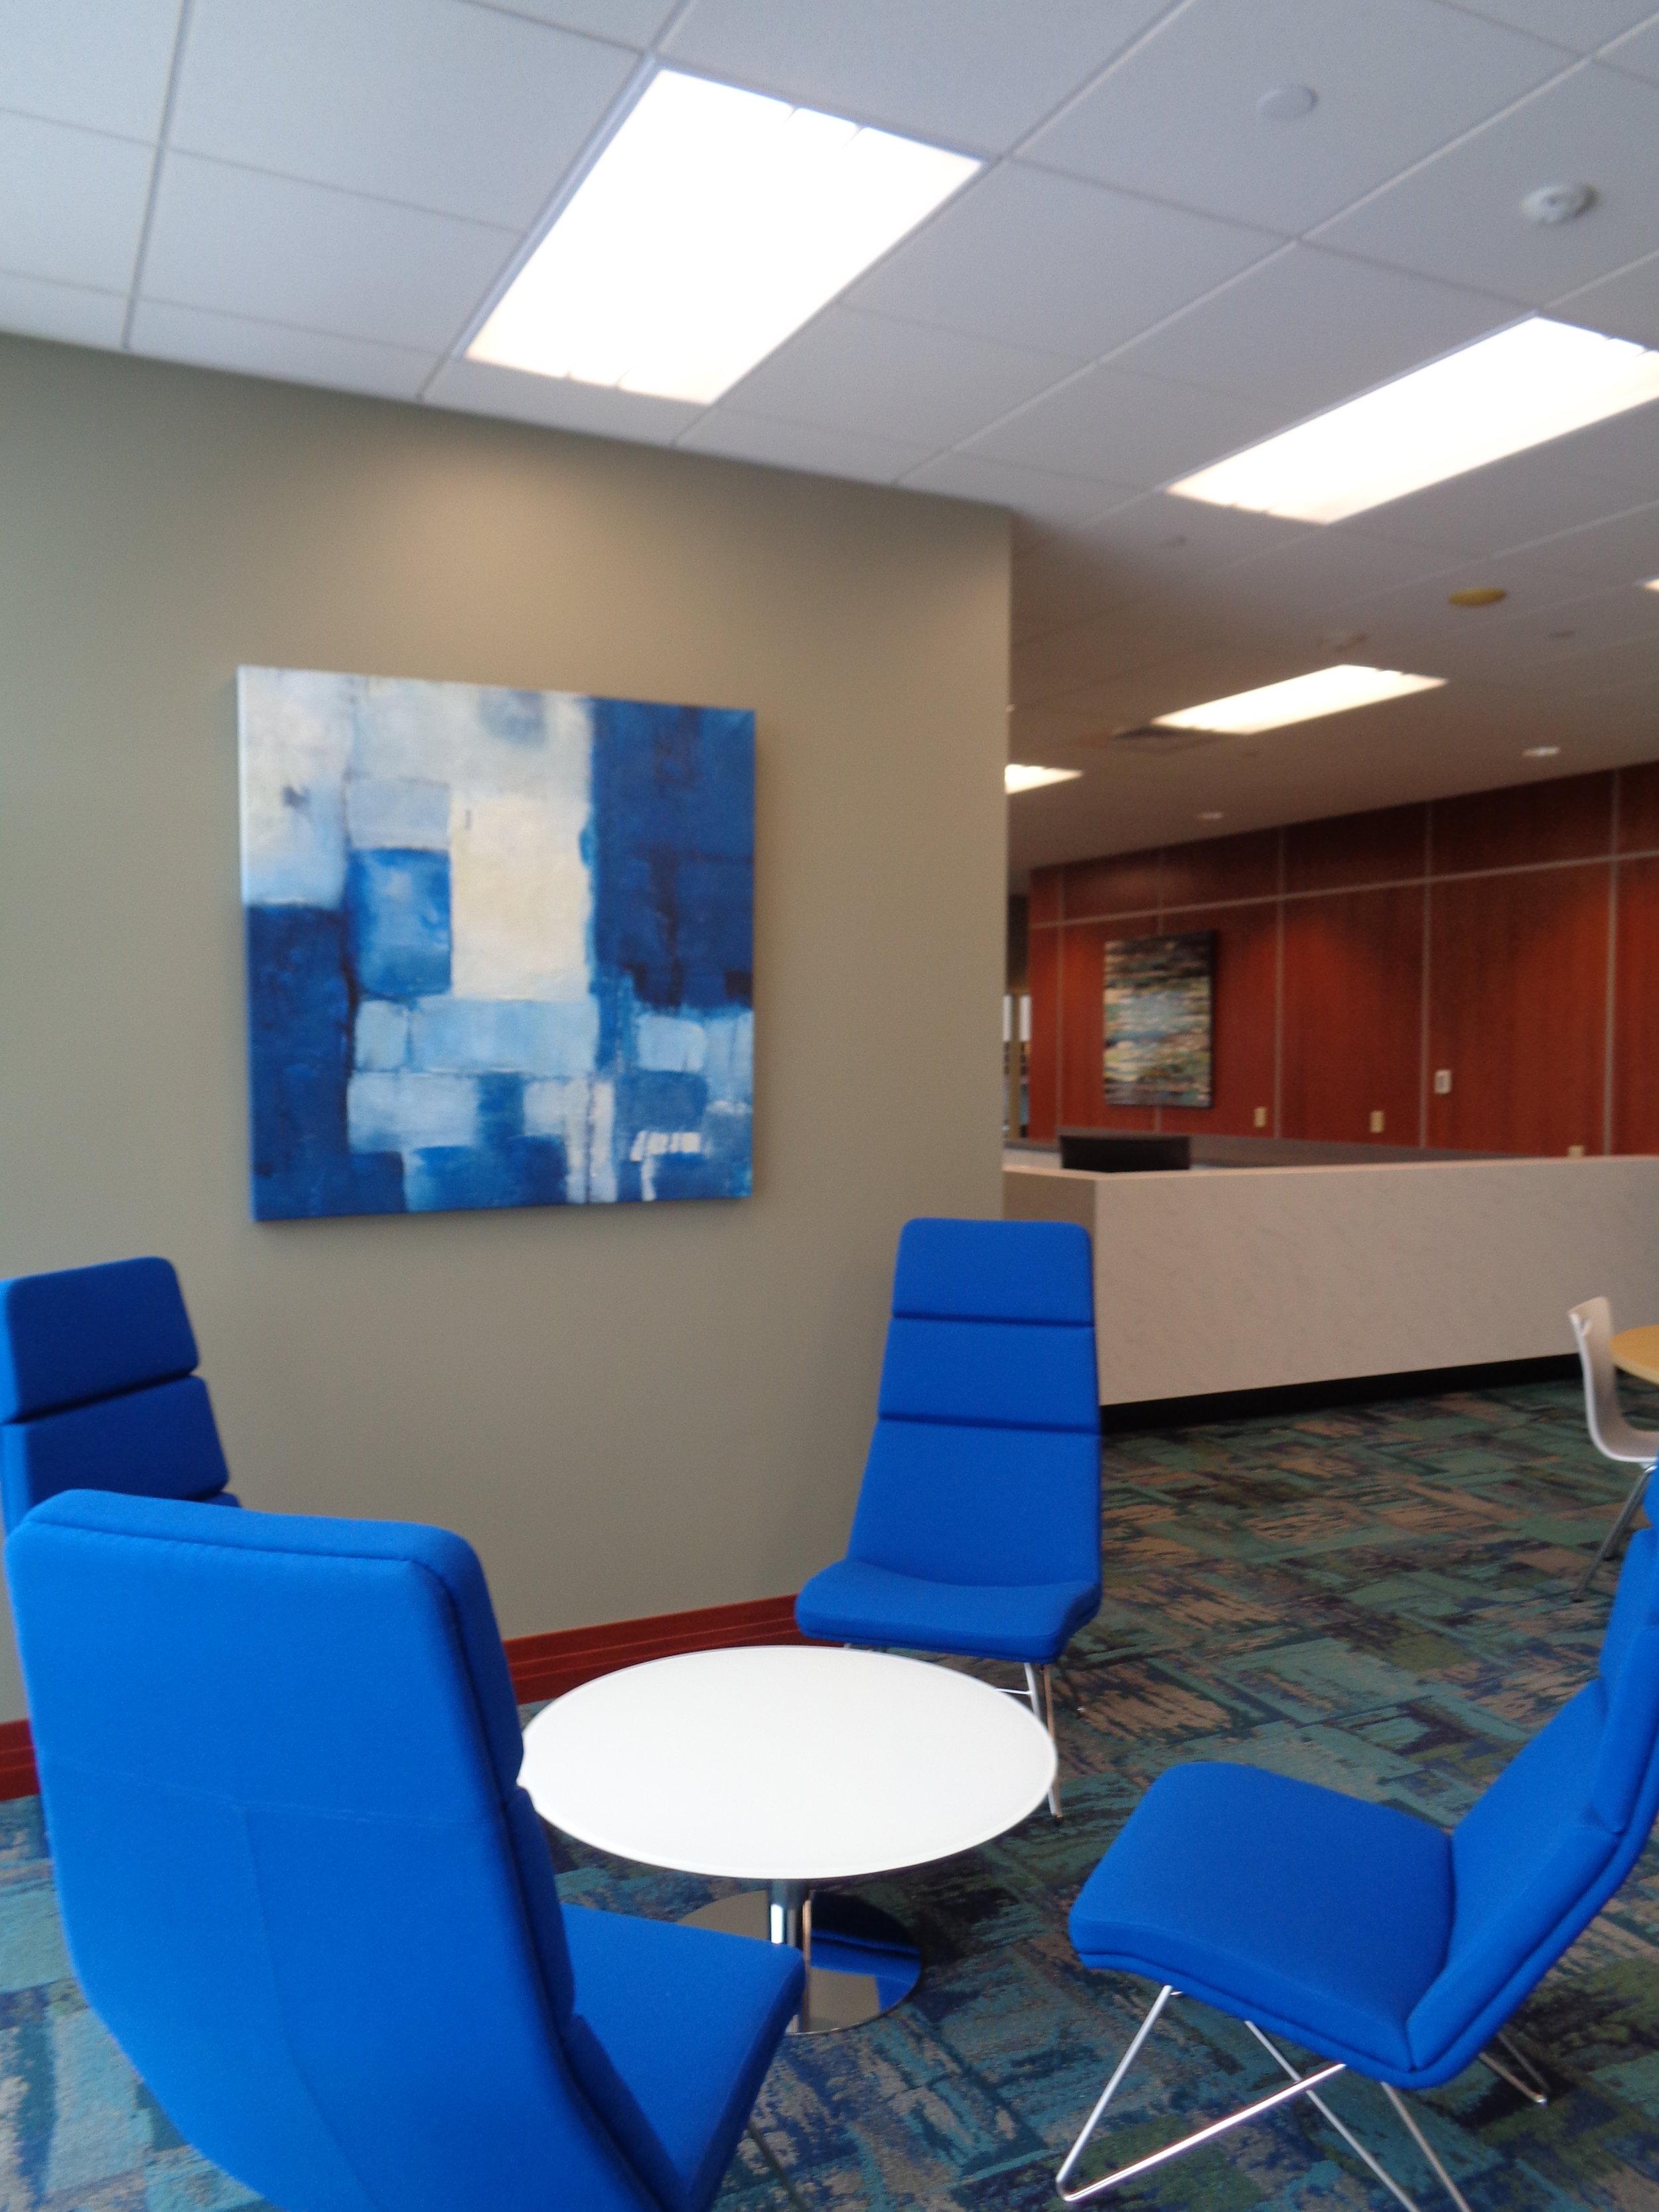 Penn State York - Nittany Success Center